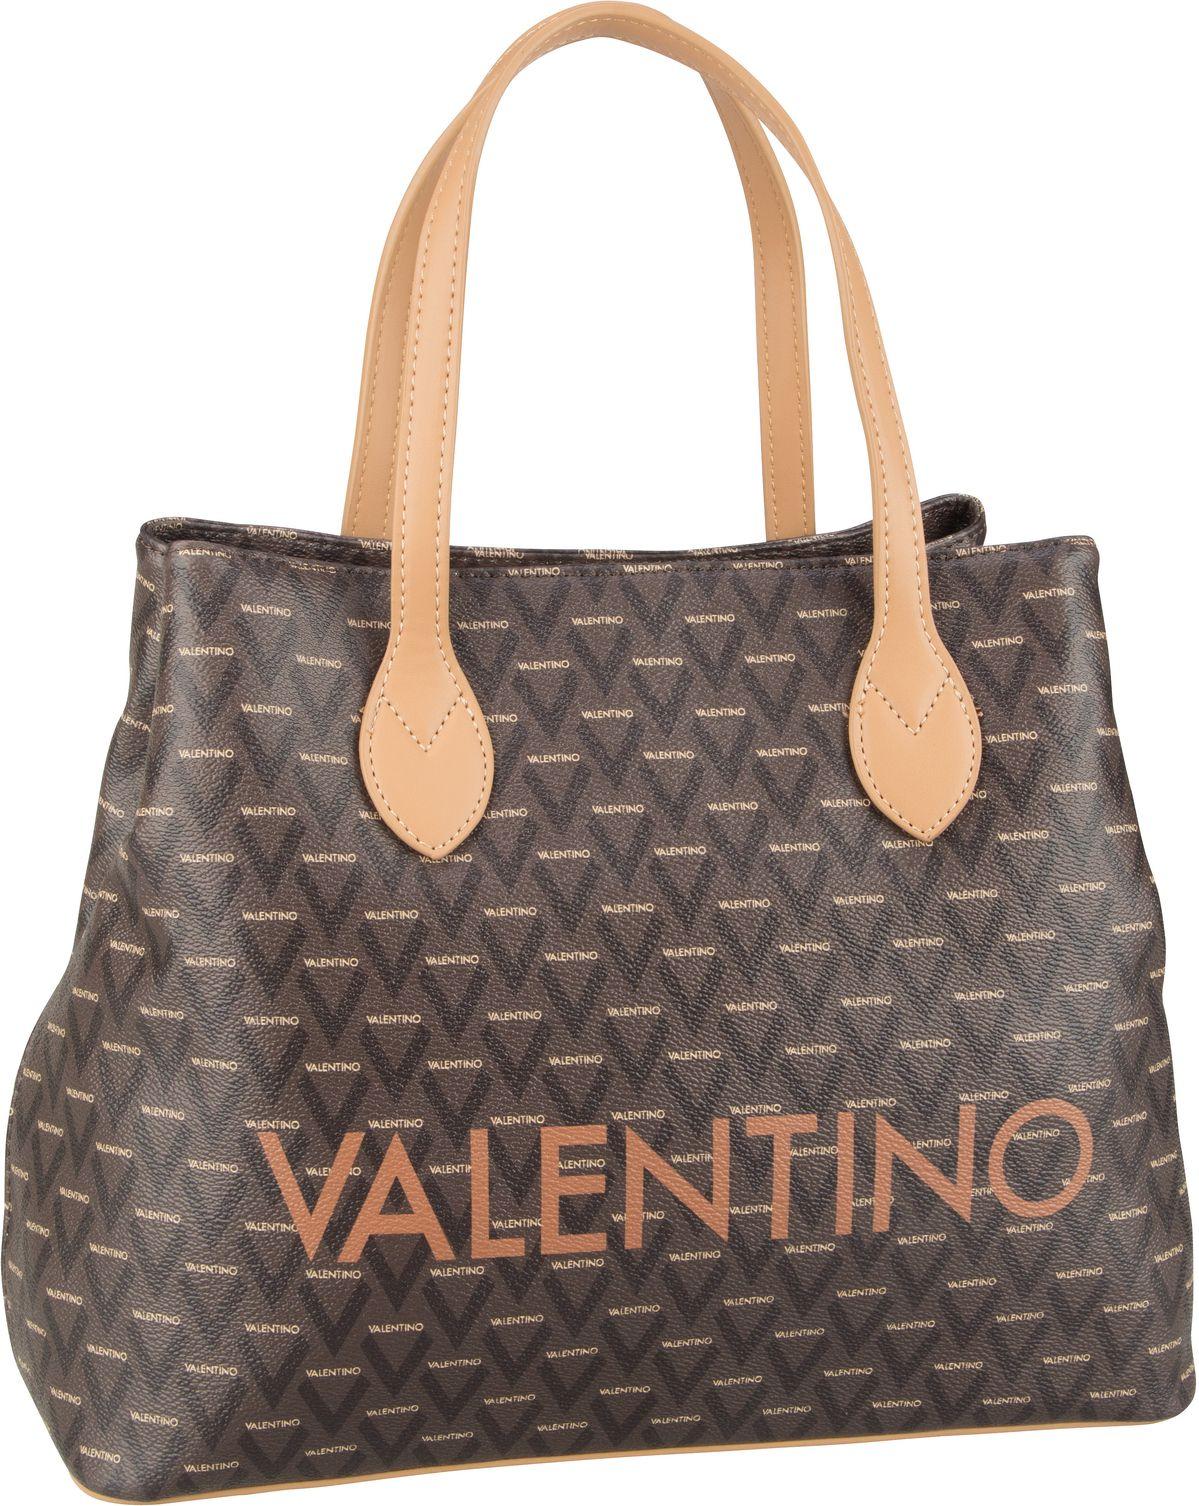 Handtasche Liuto Shopping G02 Cuoio/Multicolor